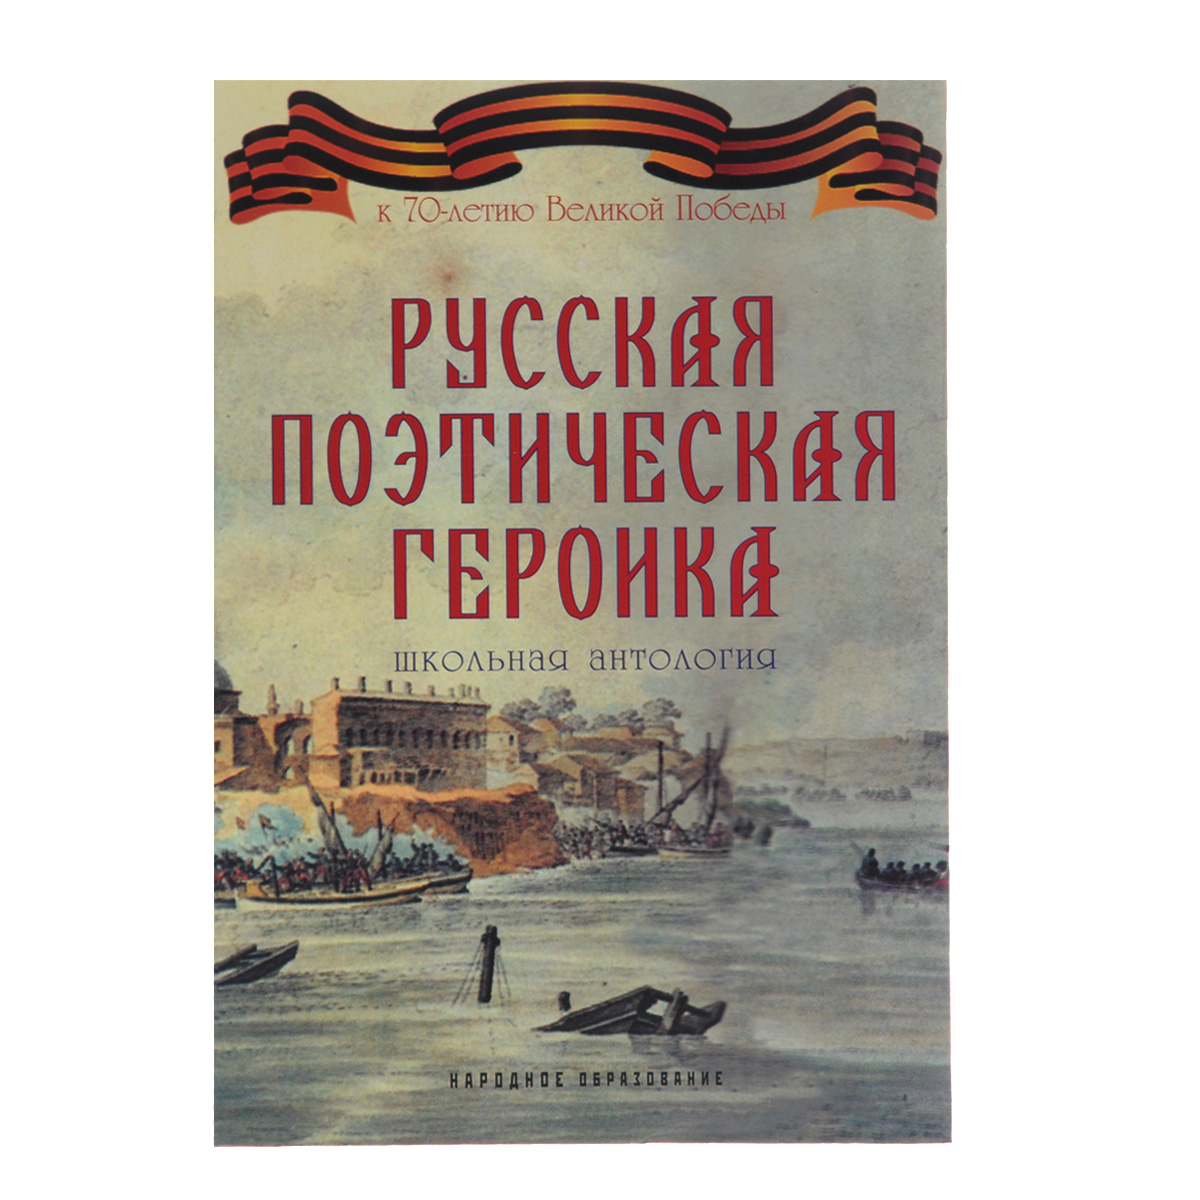 Русская поэтическая героика. Школьная антология